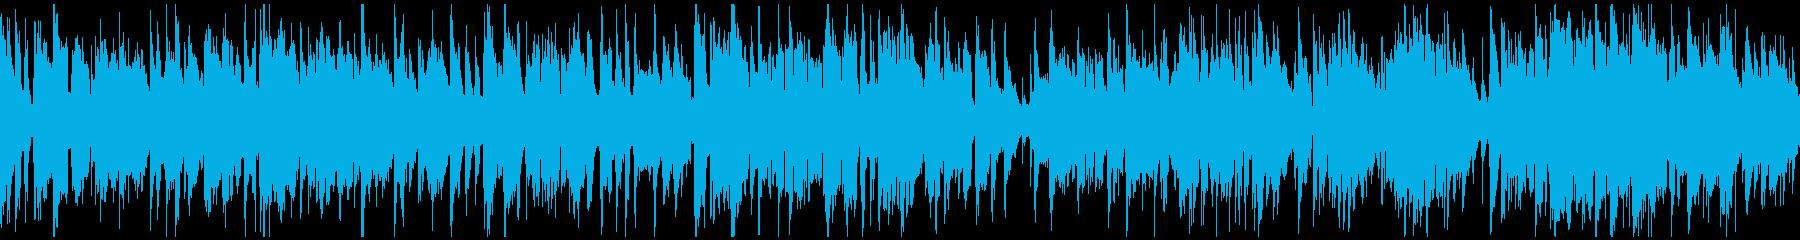 カジノっぽい明るい管楽器ジャズ※ループ版の再生済みの波形